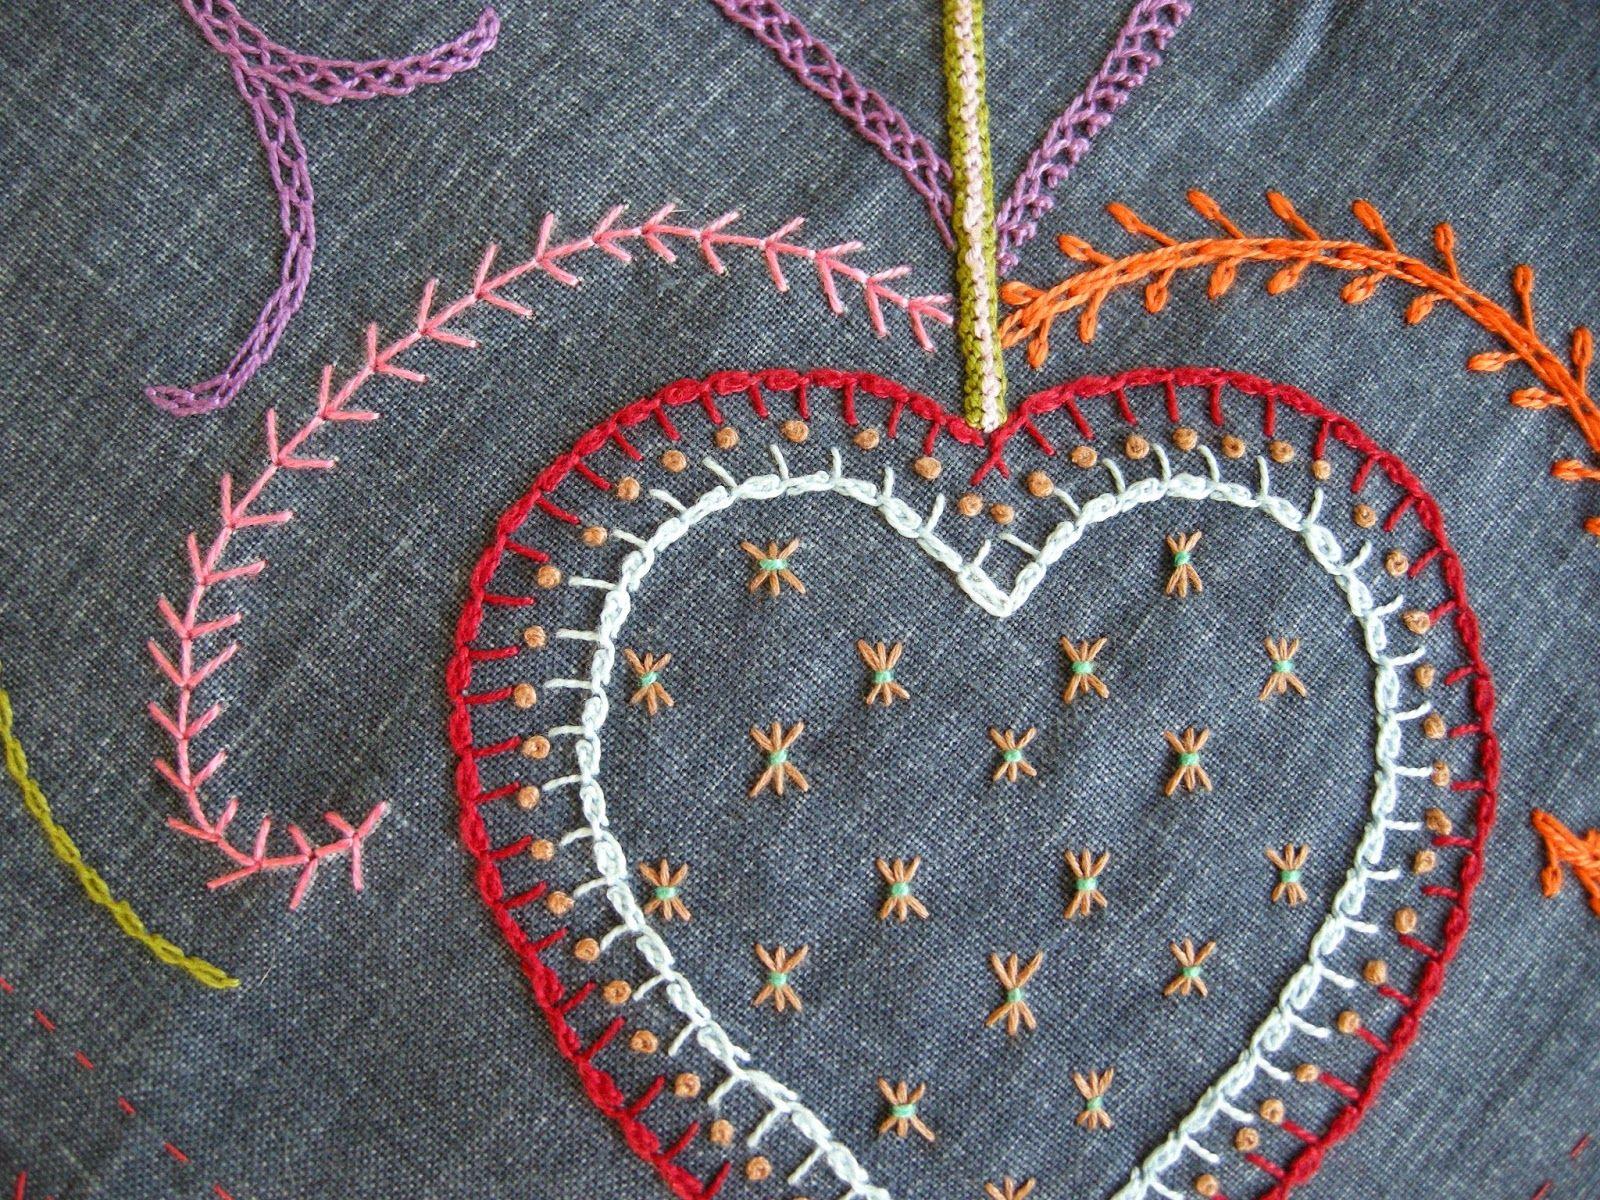 Queenie's Needlework: October 2014